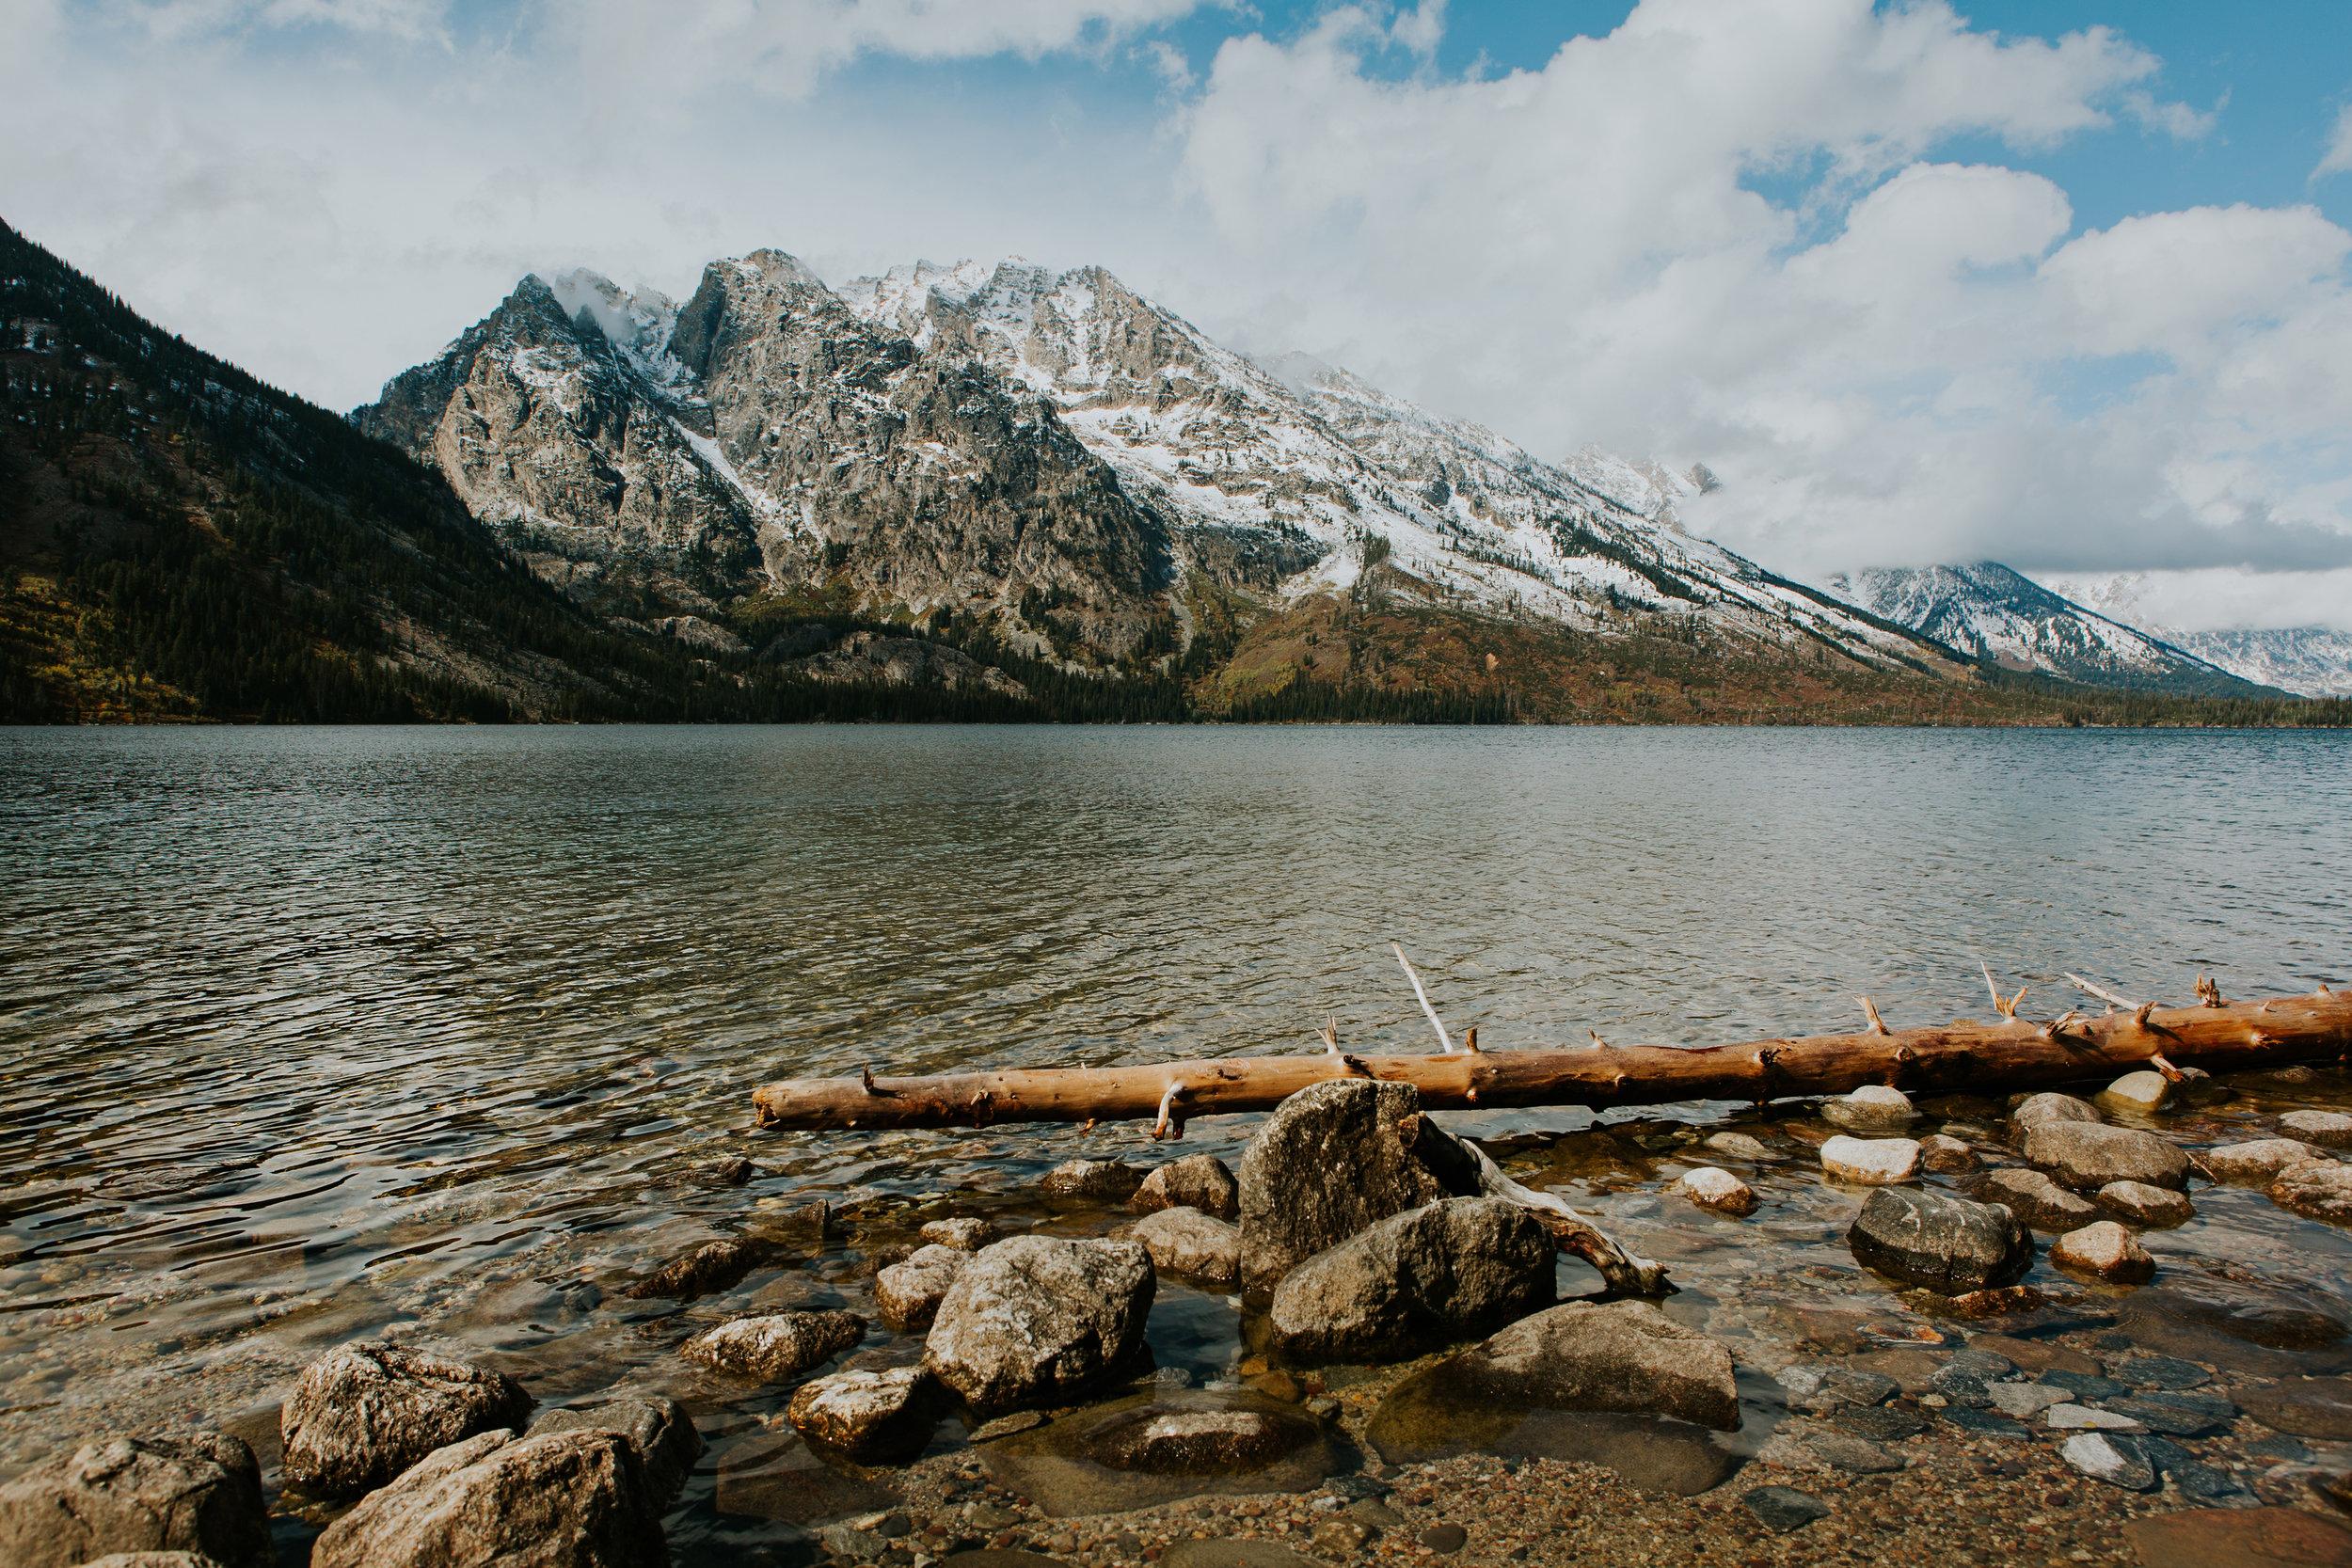 CindyGiovagnoli_Grand_Teton_National_Park_mountains_Bison_Autumn_Wyoming_Mormon_Row_aspens_fall_outdoor_photographer-006.jpg